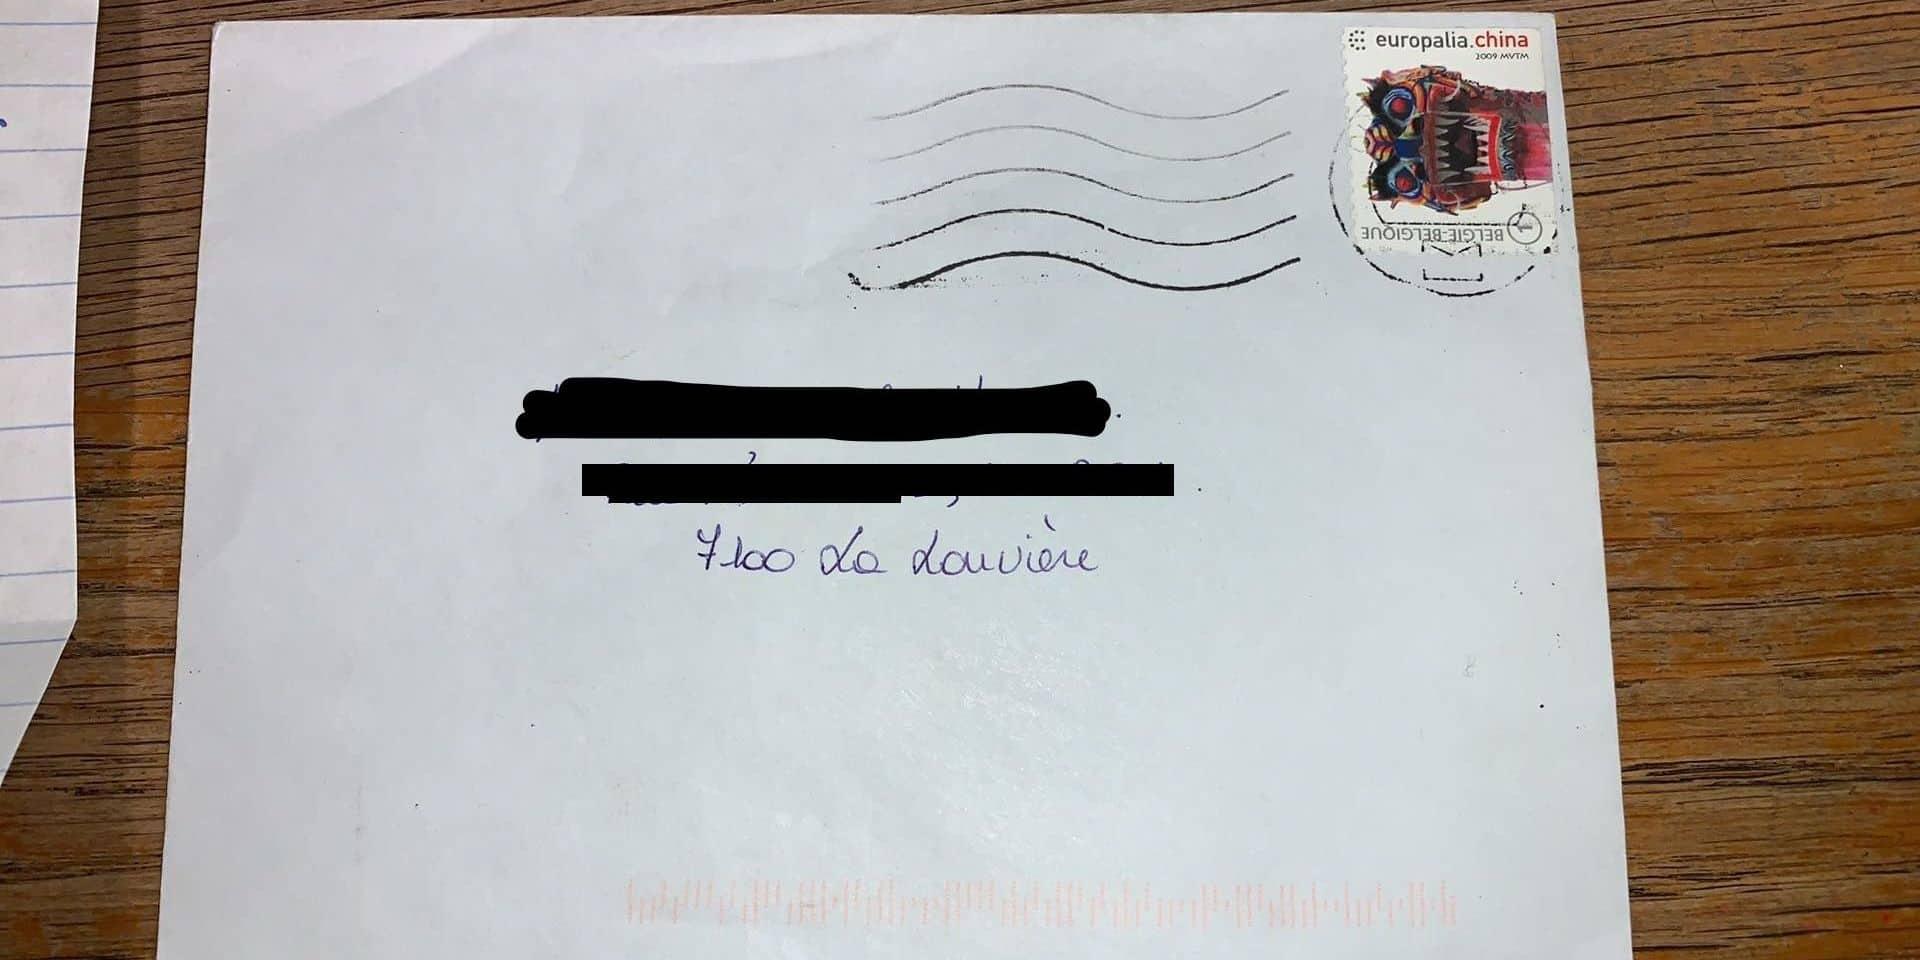 Incroyable: Jacqueline a mis onze ans pour recevoir la lettre de son petit-fils!